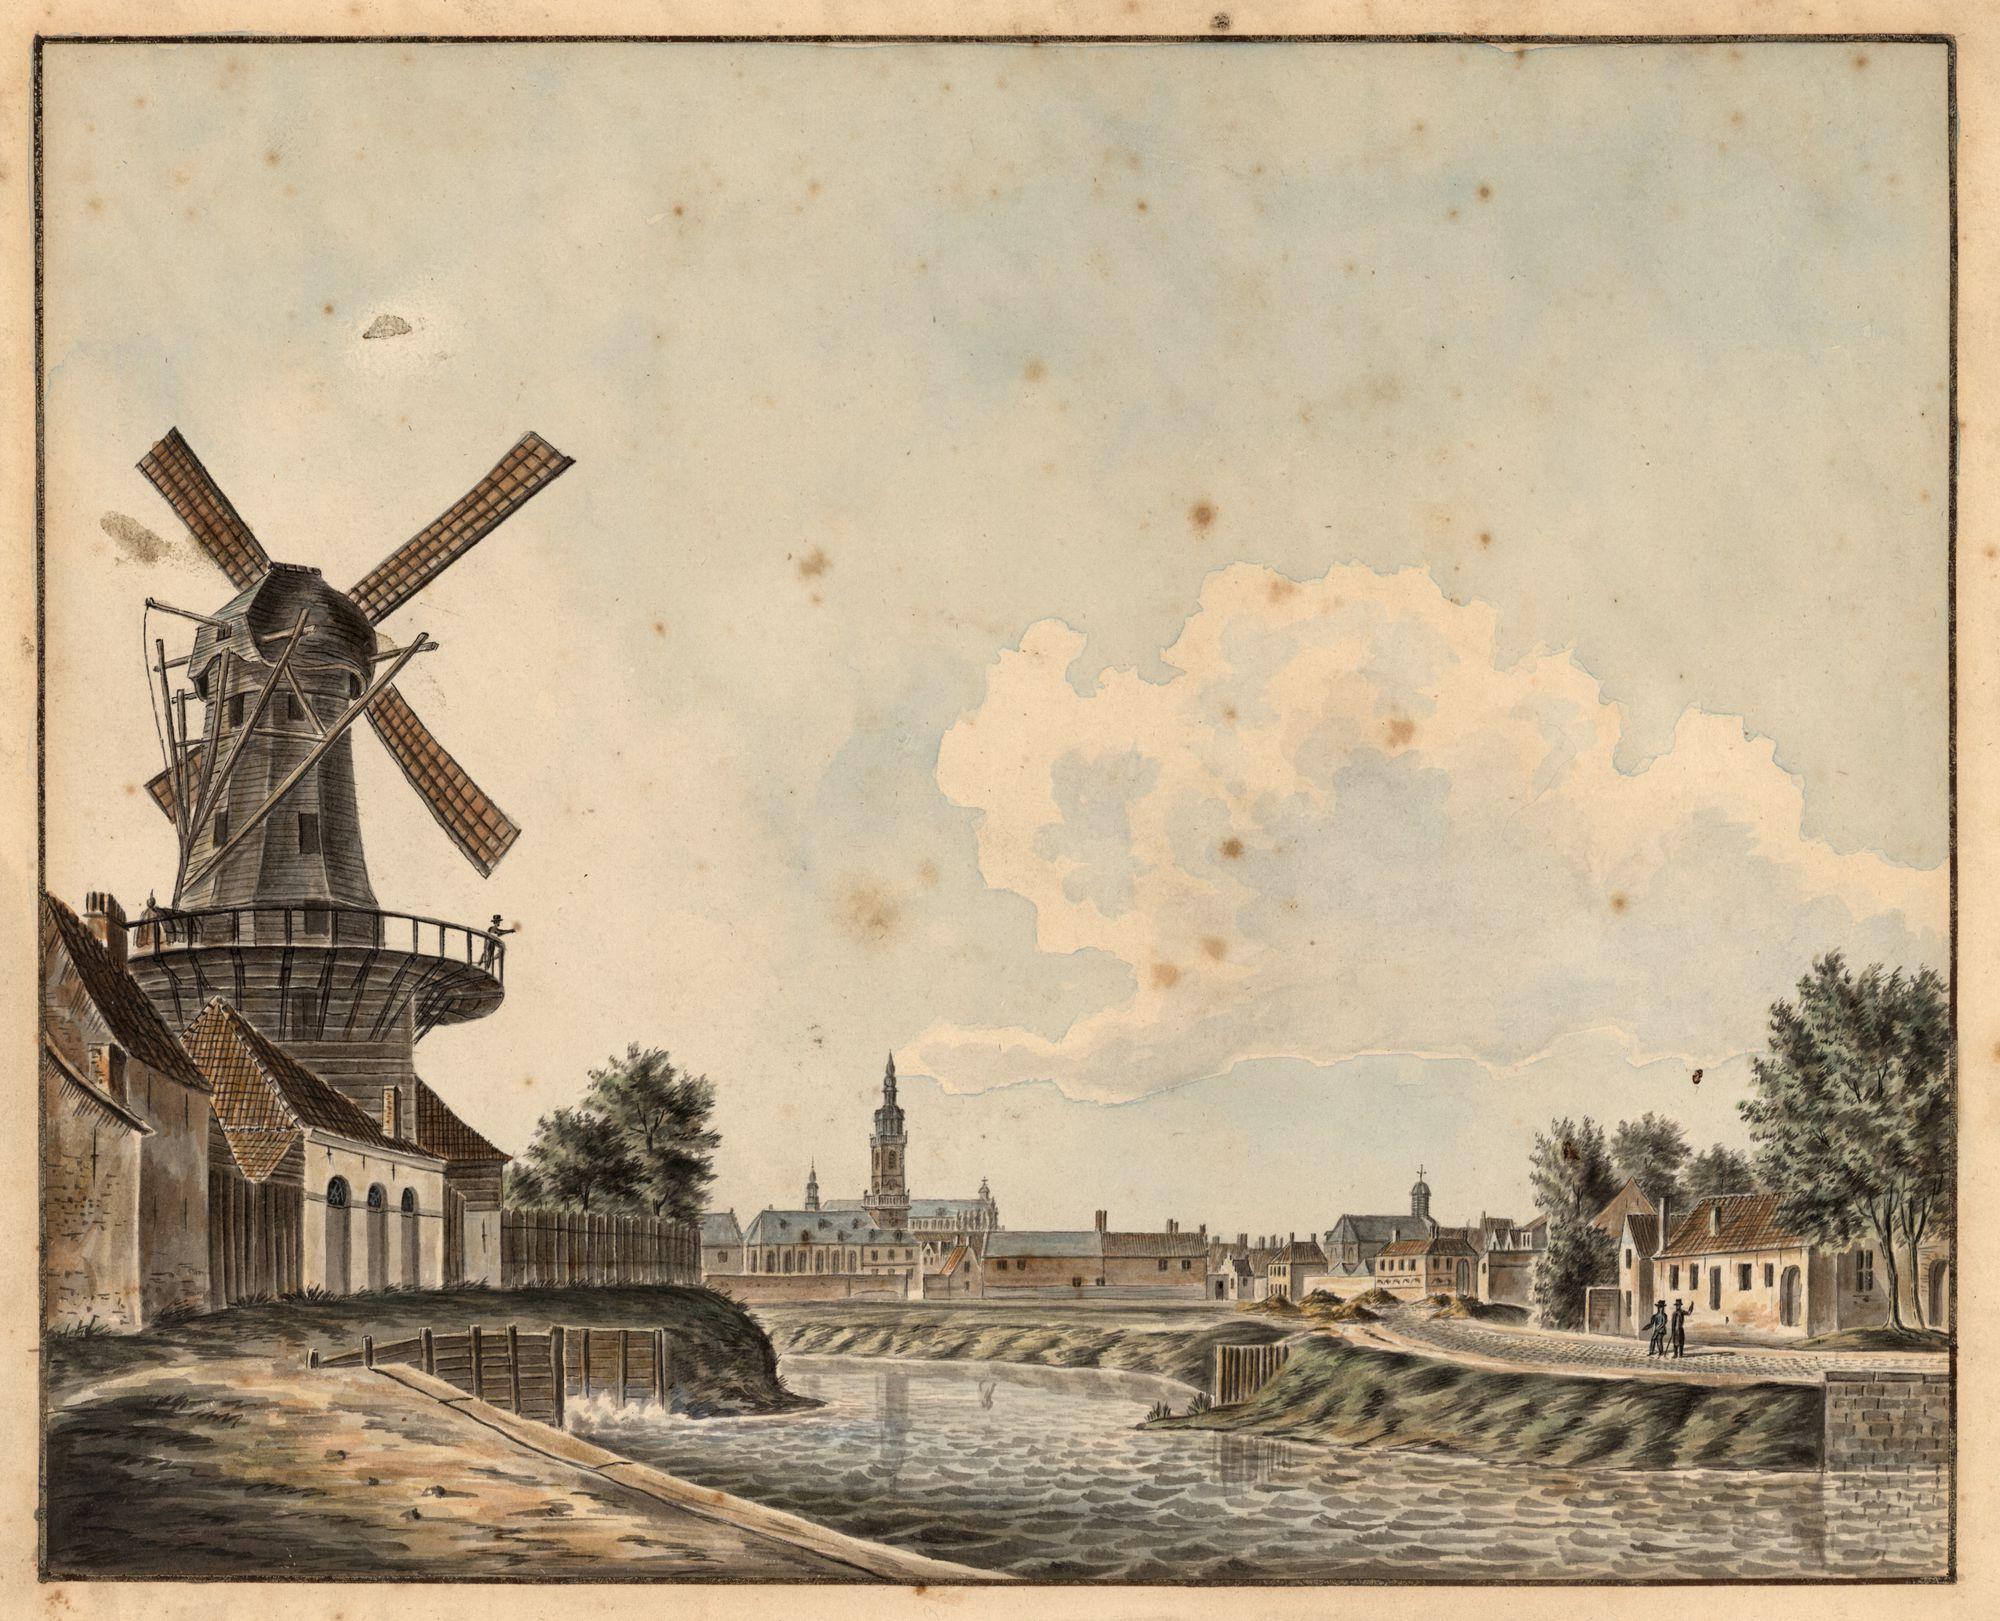 Gent: Nederschelde (Visserij) en Koepoortkaai met windmolen